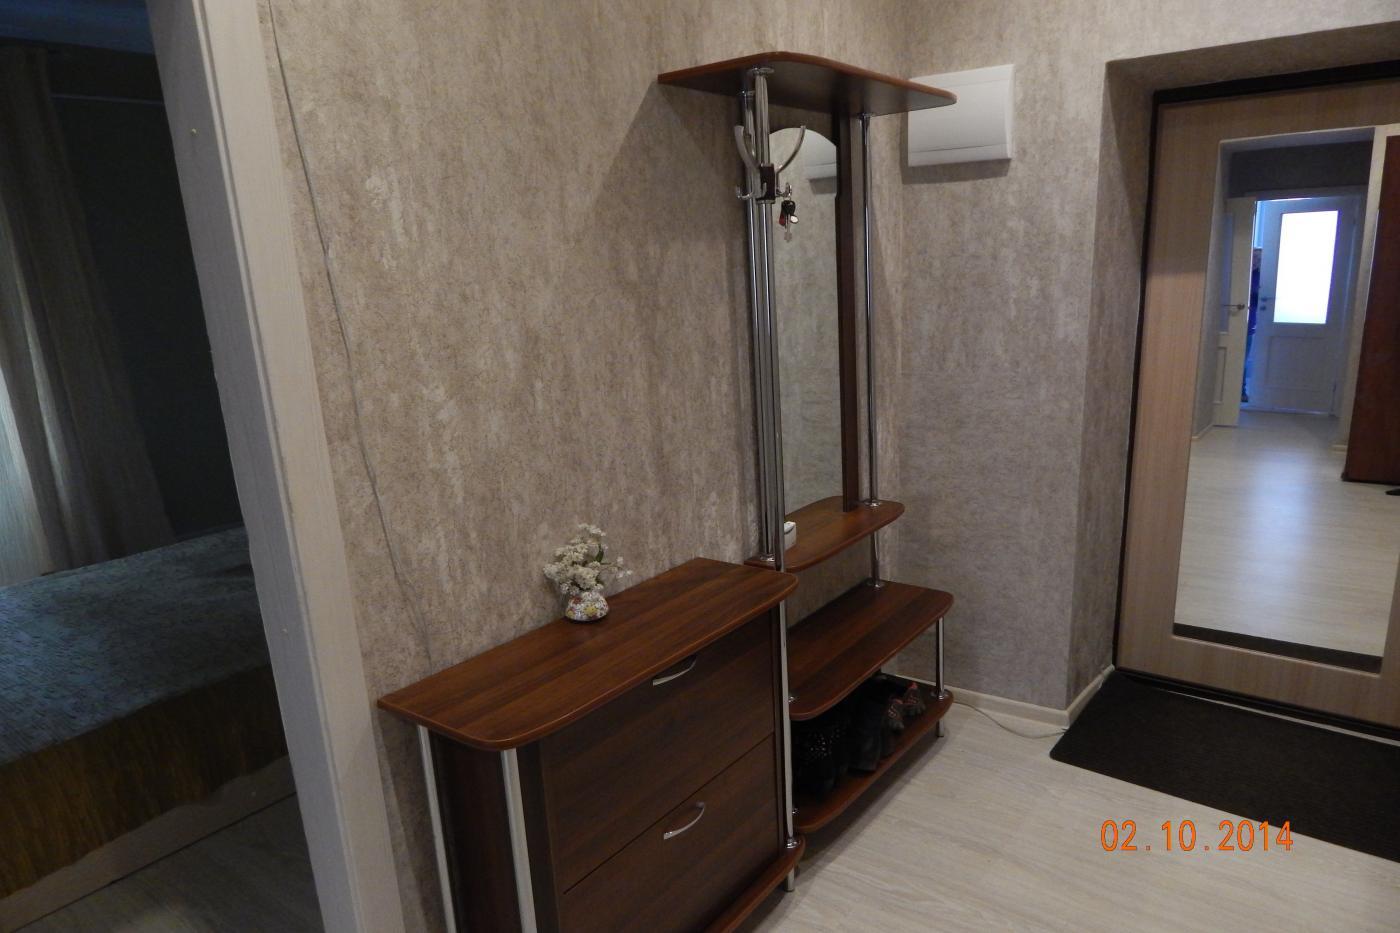 1-комнатная квартира посуточно (вариант № 4486), ул. Плехановская улица, фото № 3